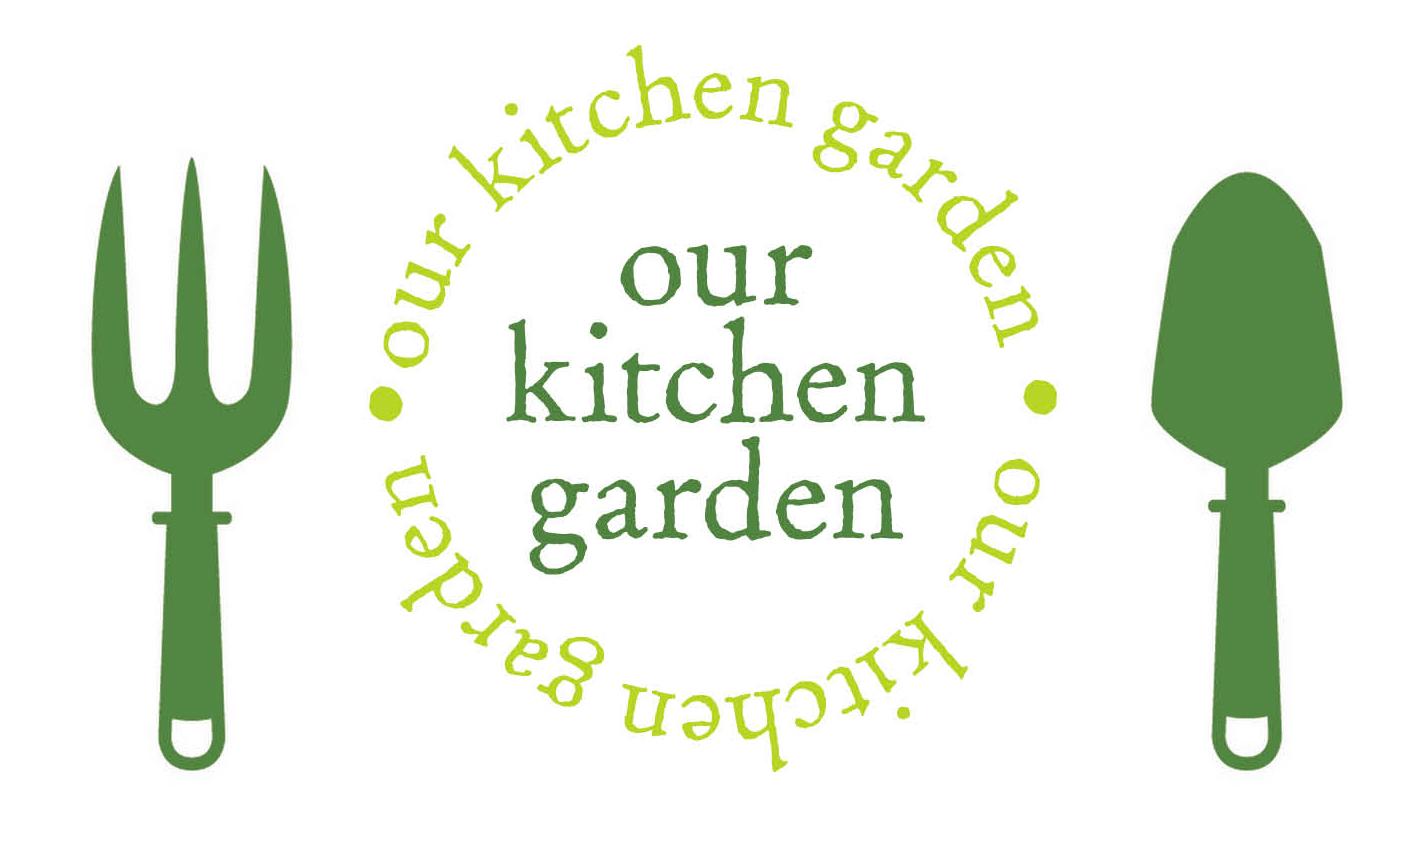 Our Kitchen Garden Gardening The Bondi Cook